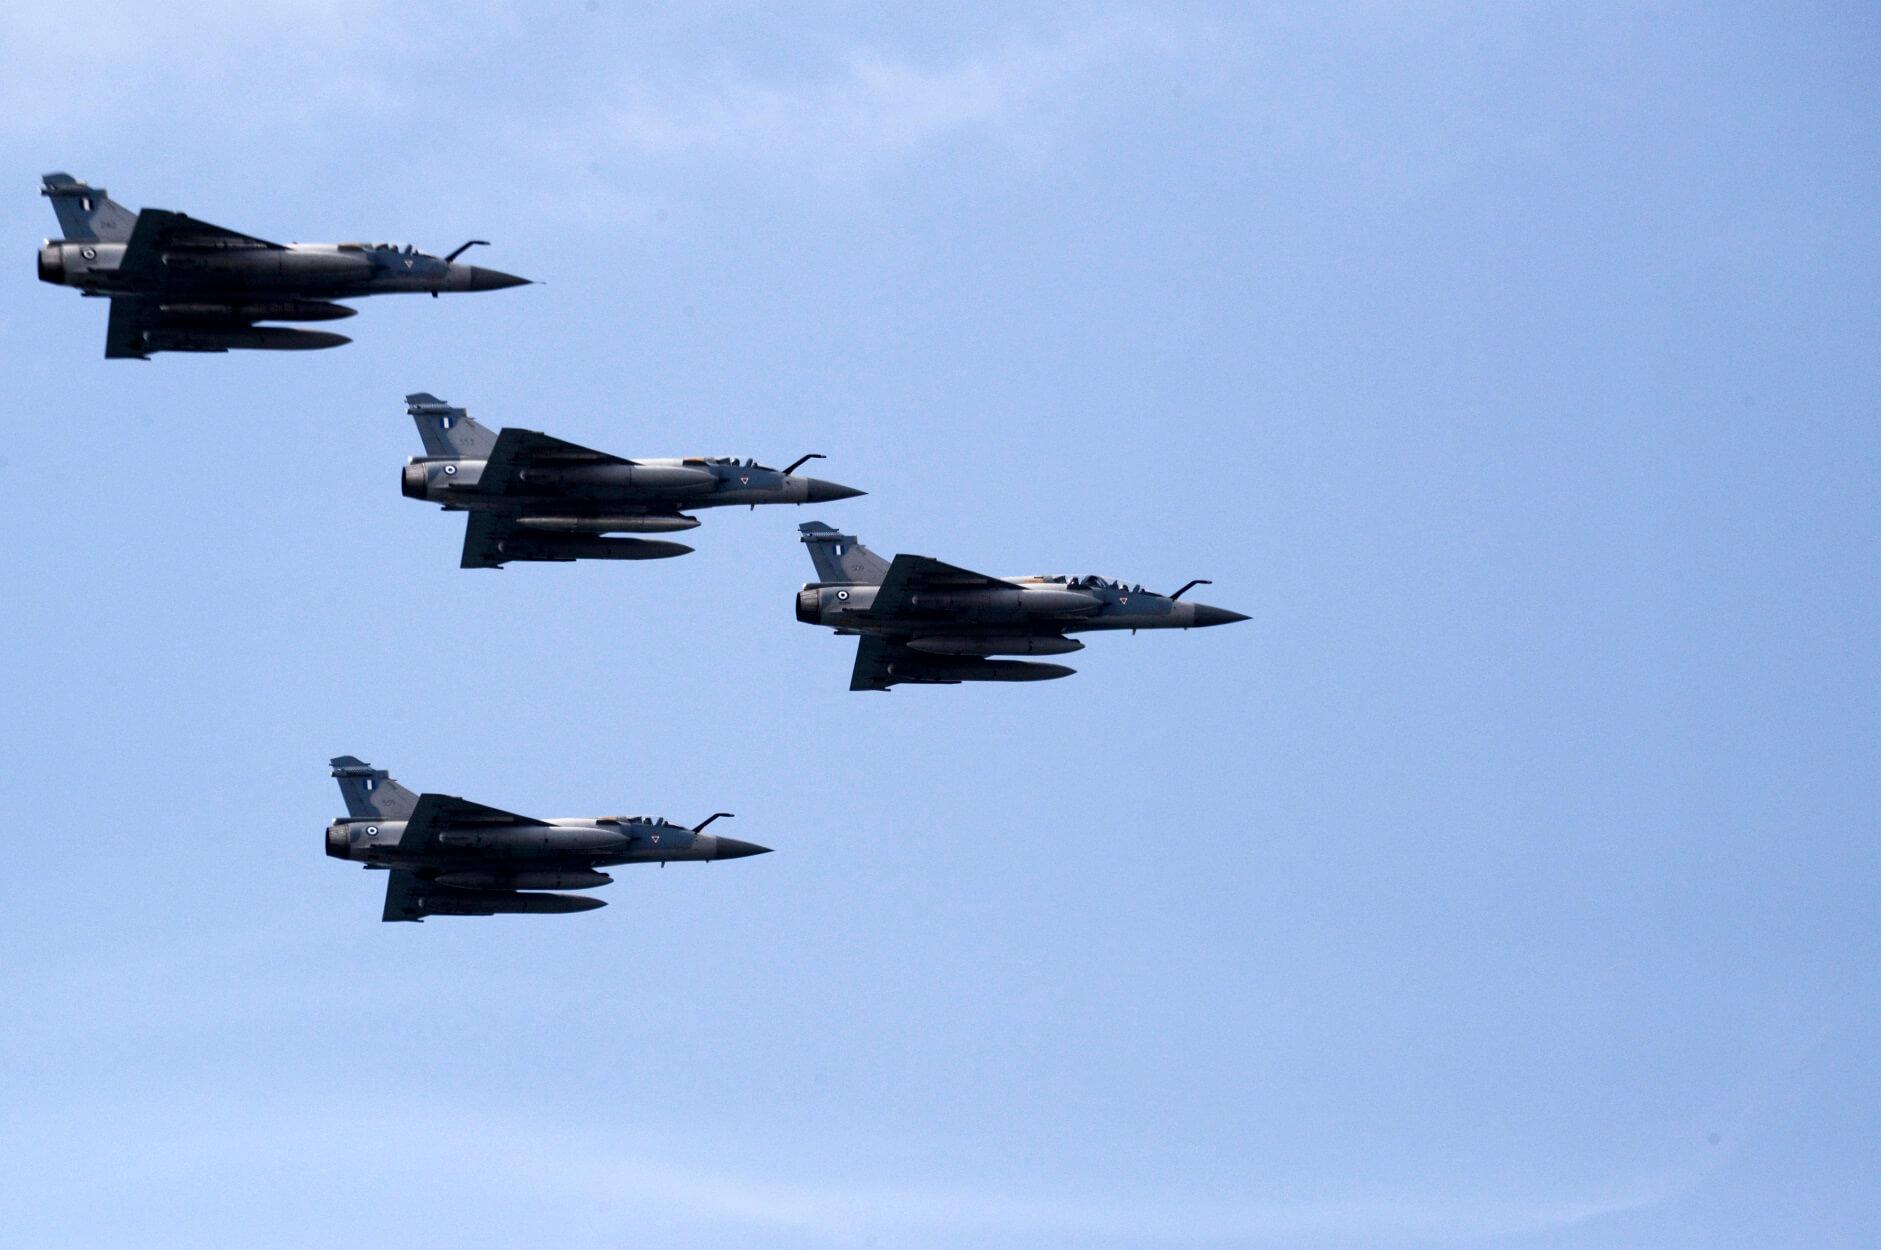 """Κούλουμα πάνω από το Αιγαίο – Ελληνικοί """"αετοί"""" αναχαίτισαν τουρκικά μαχητικά αεροσκάφη!"""